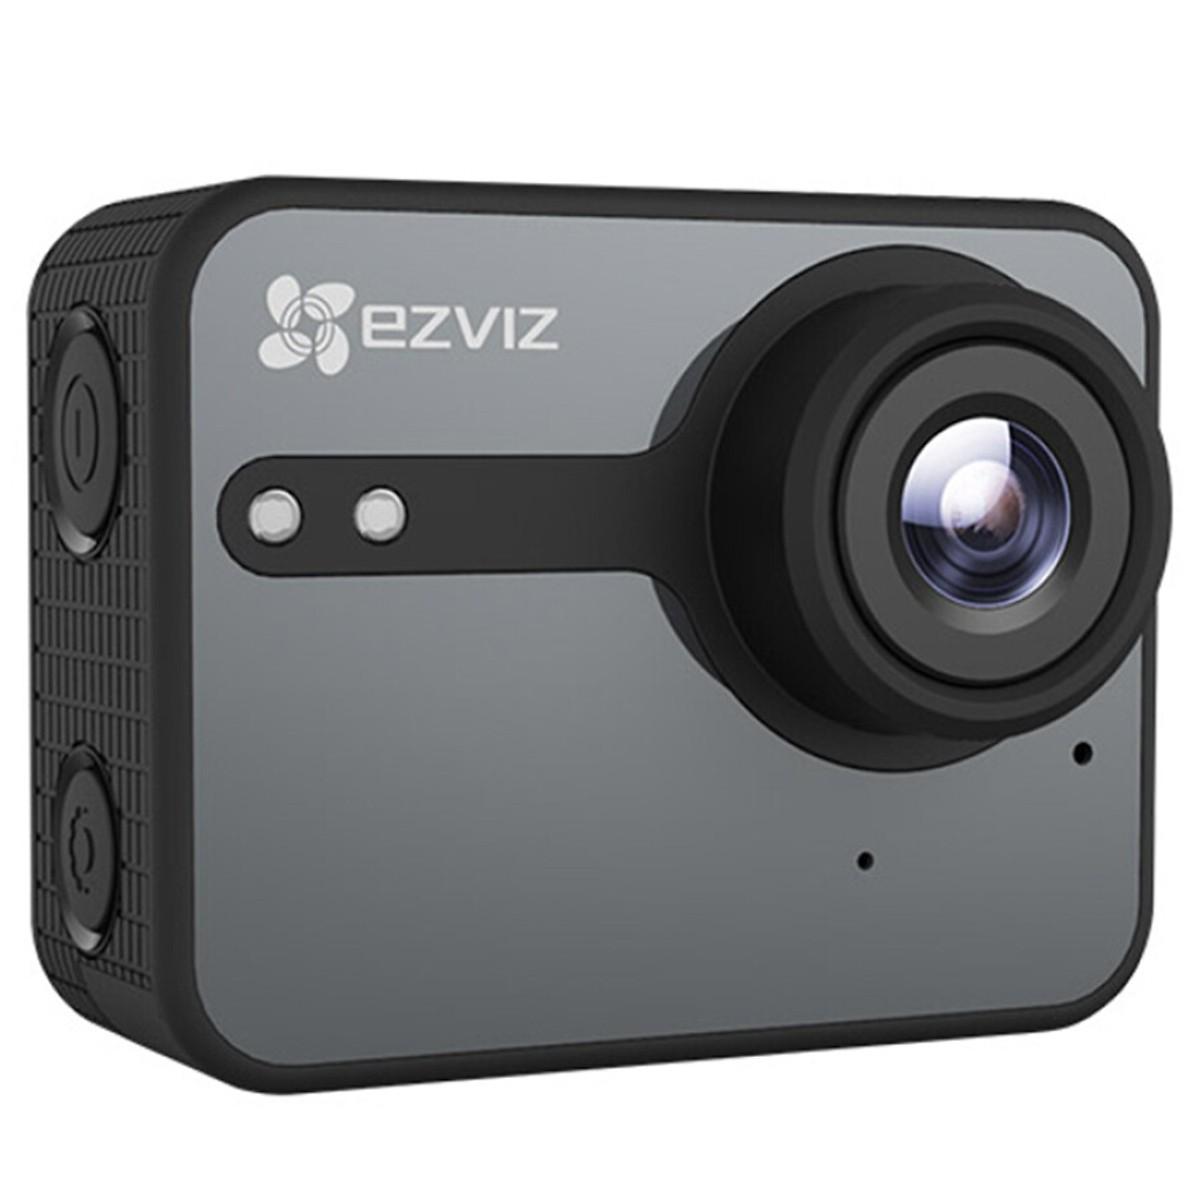 CAMERA HÀNH TRÌNH EZVIZ S2 Full HD 1080P-60fps